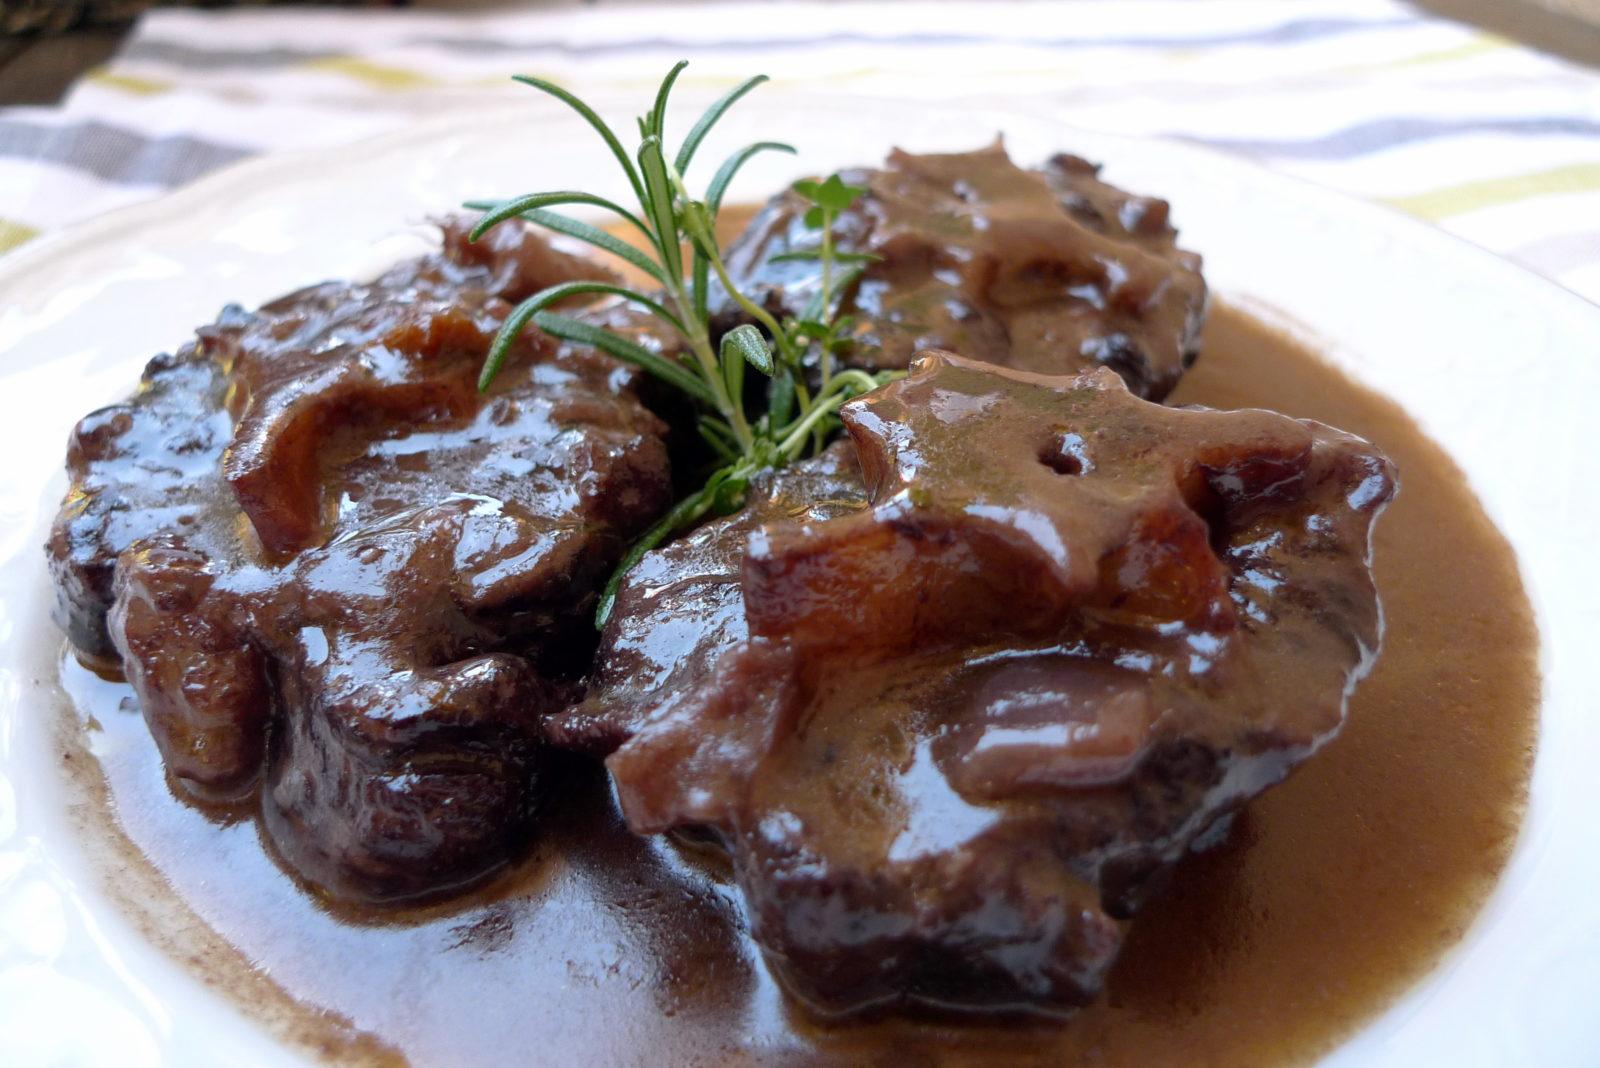 Rabo de toro – тушеный в красном вине бычий хвост.